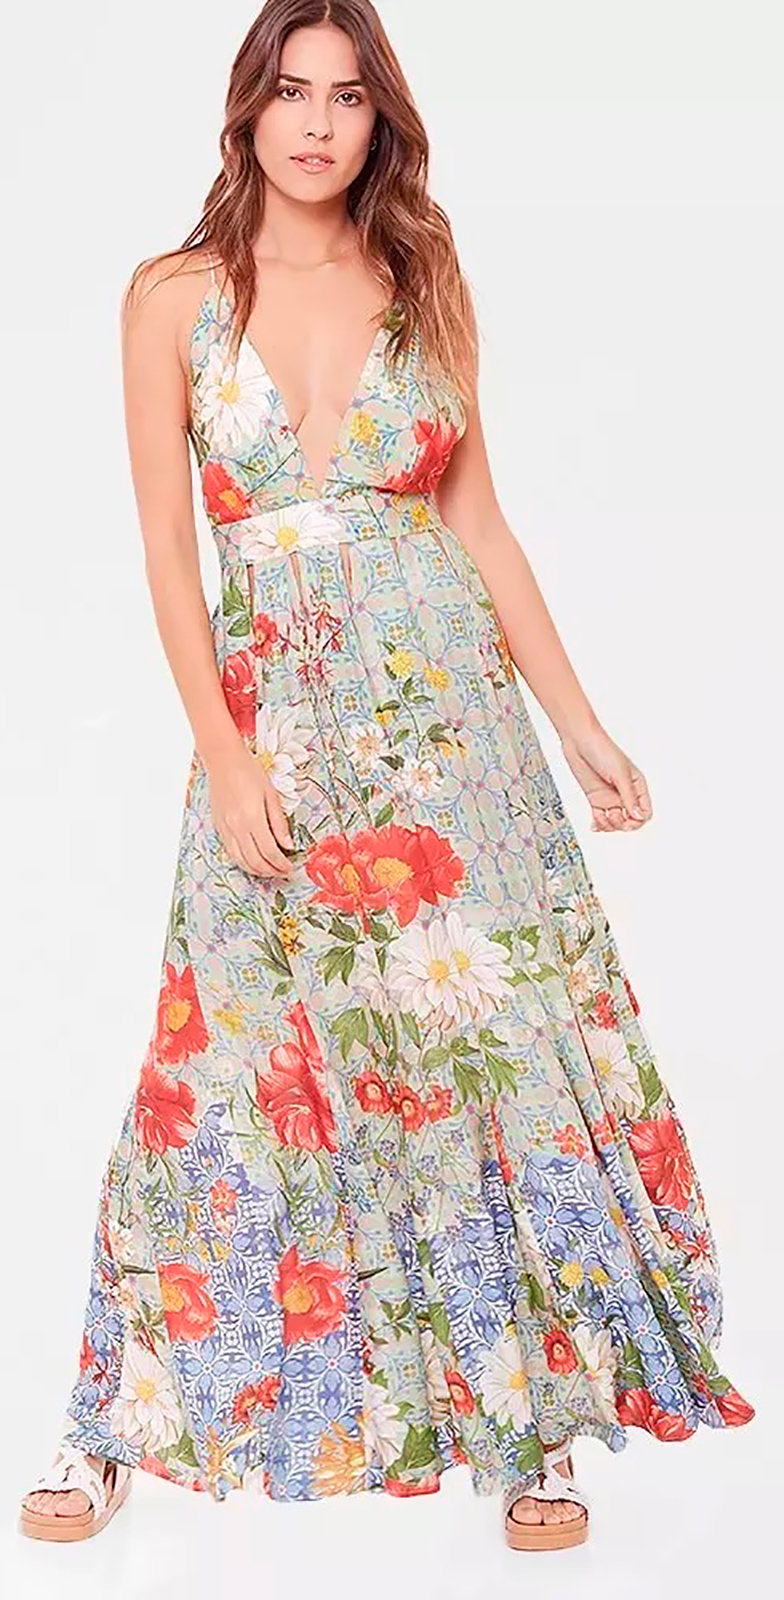 923c78ea24 Długa Sukienka Plażowa W Stylu Vintage - Vestido Longo La Havana - Farm